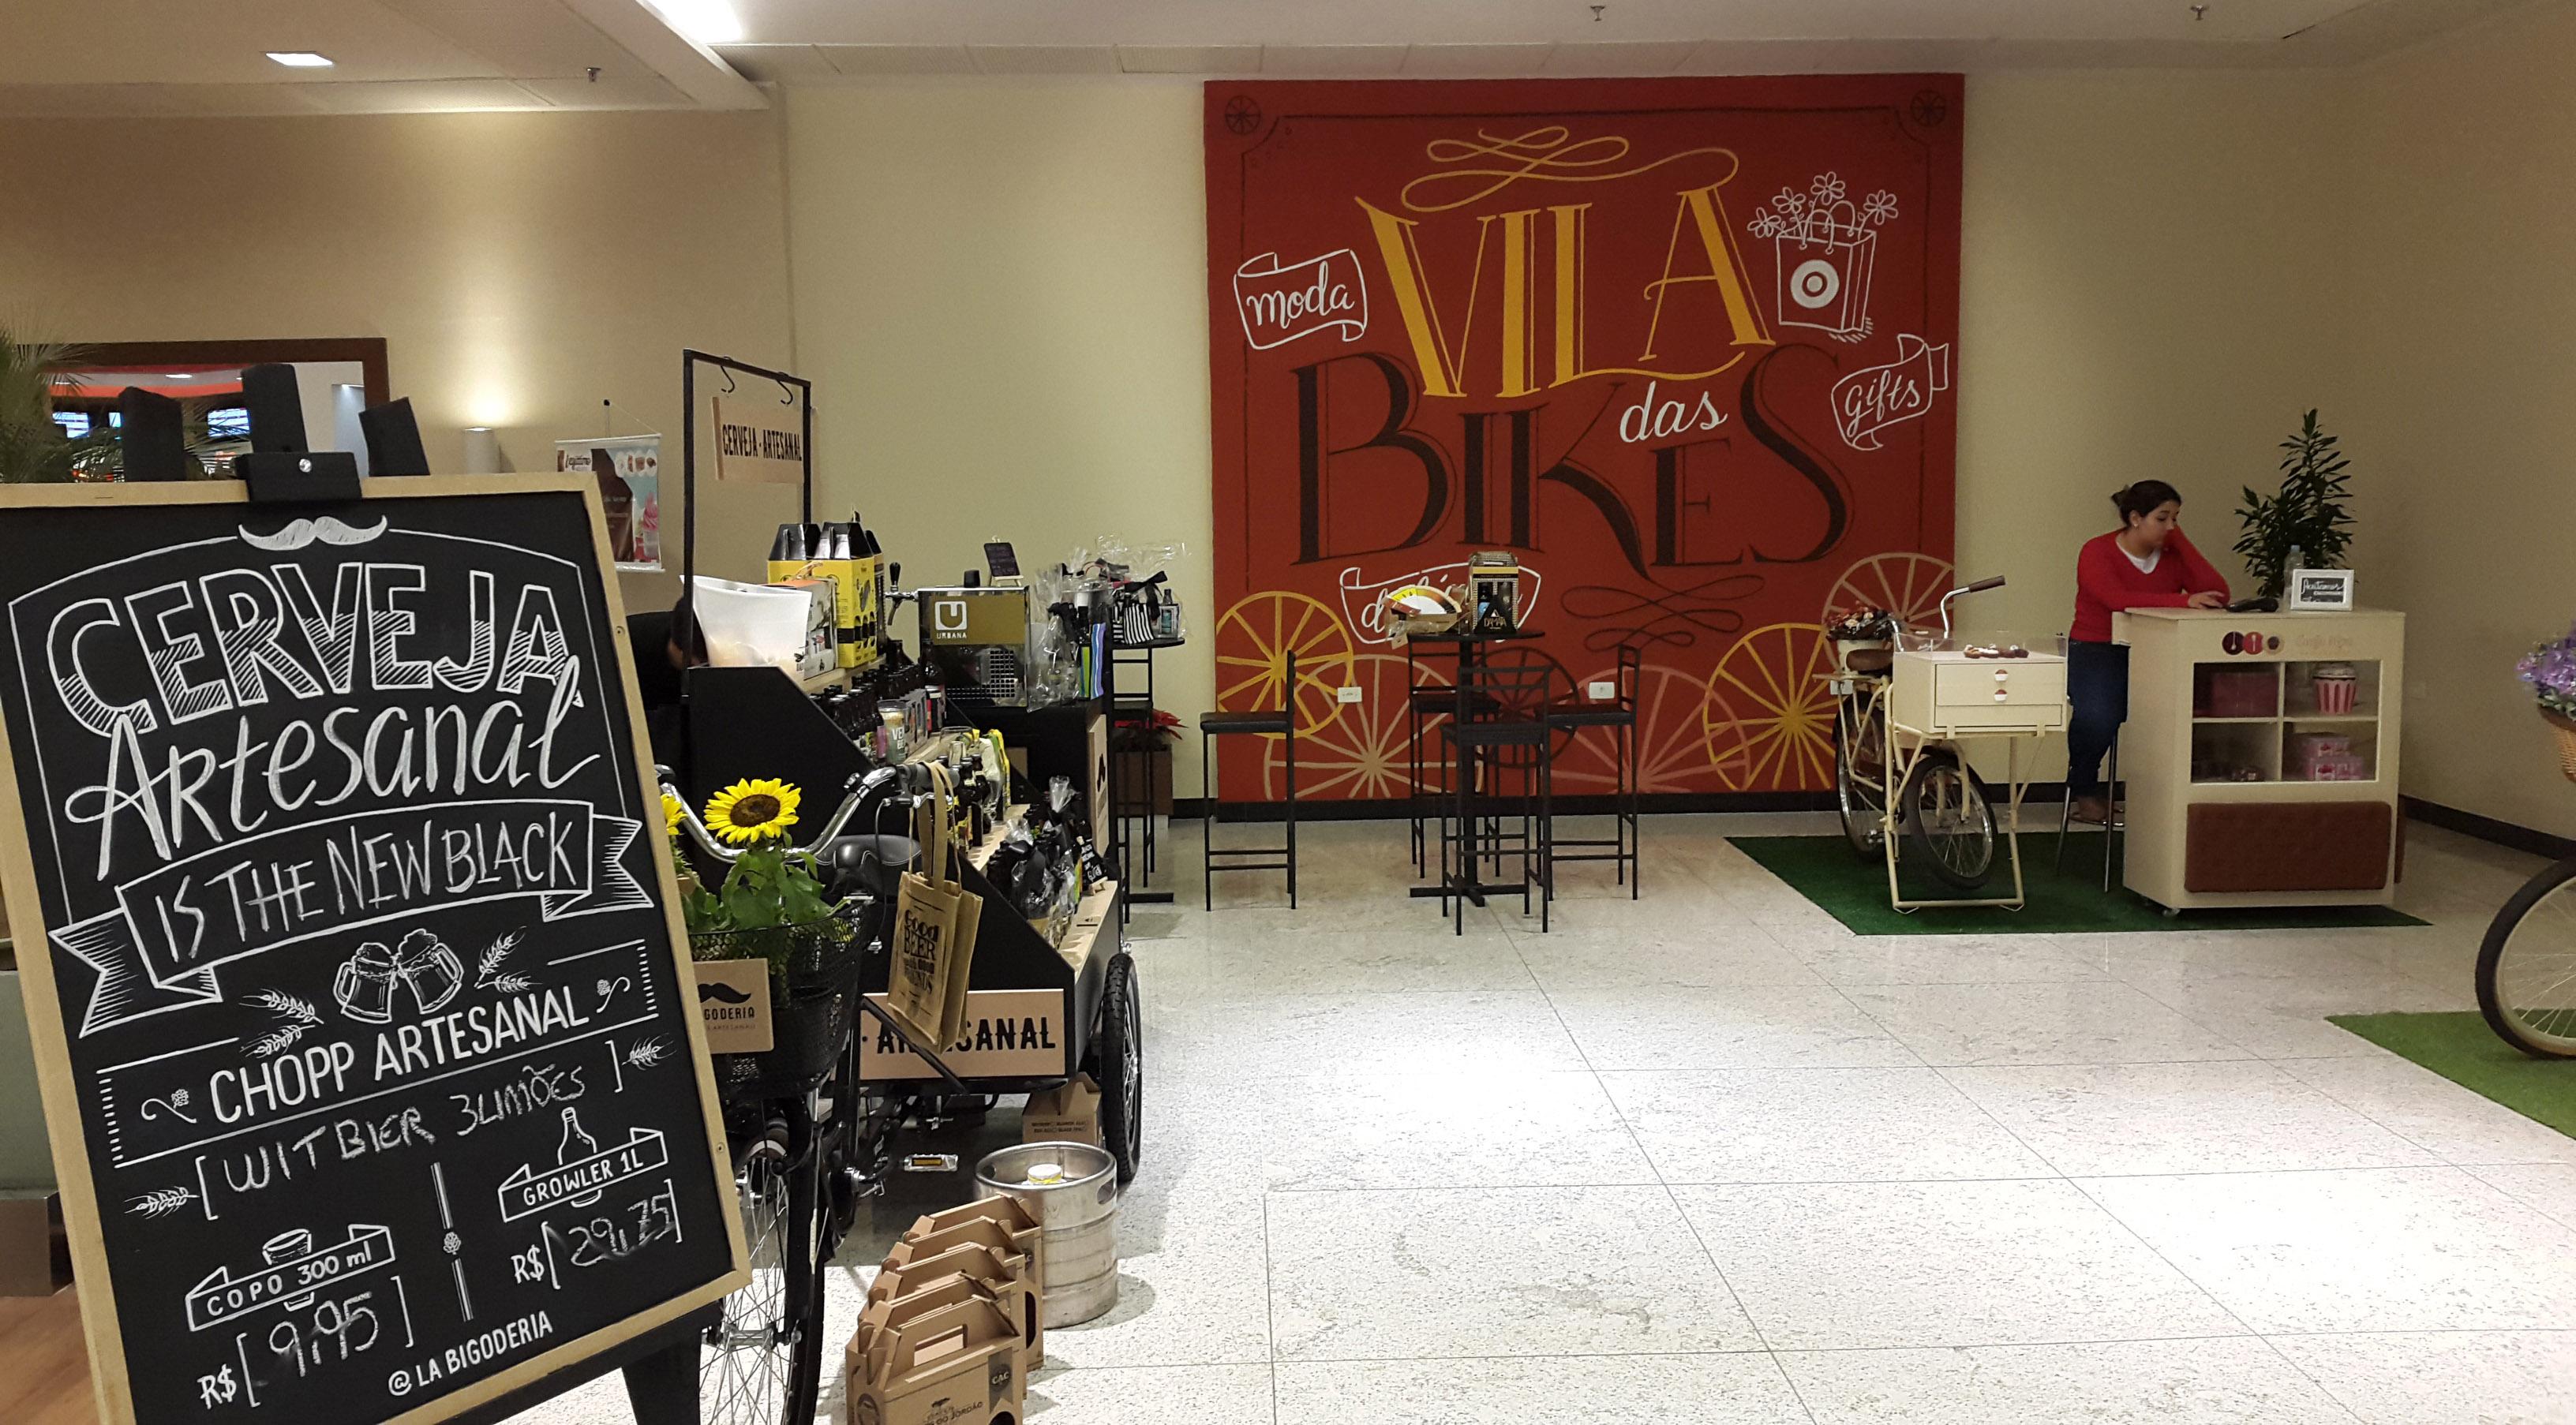 Vila das Bikes - Colinas Shopping